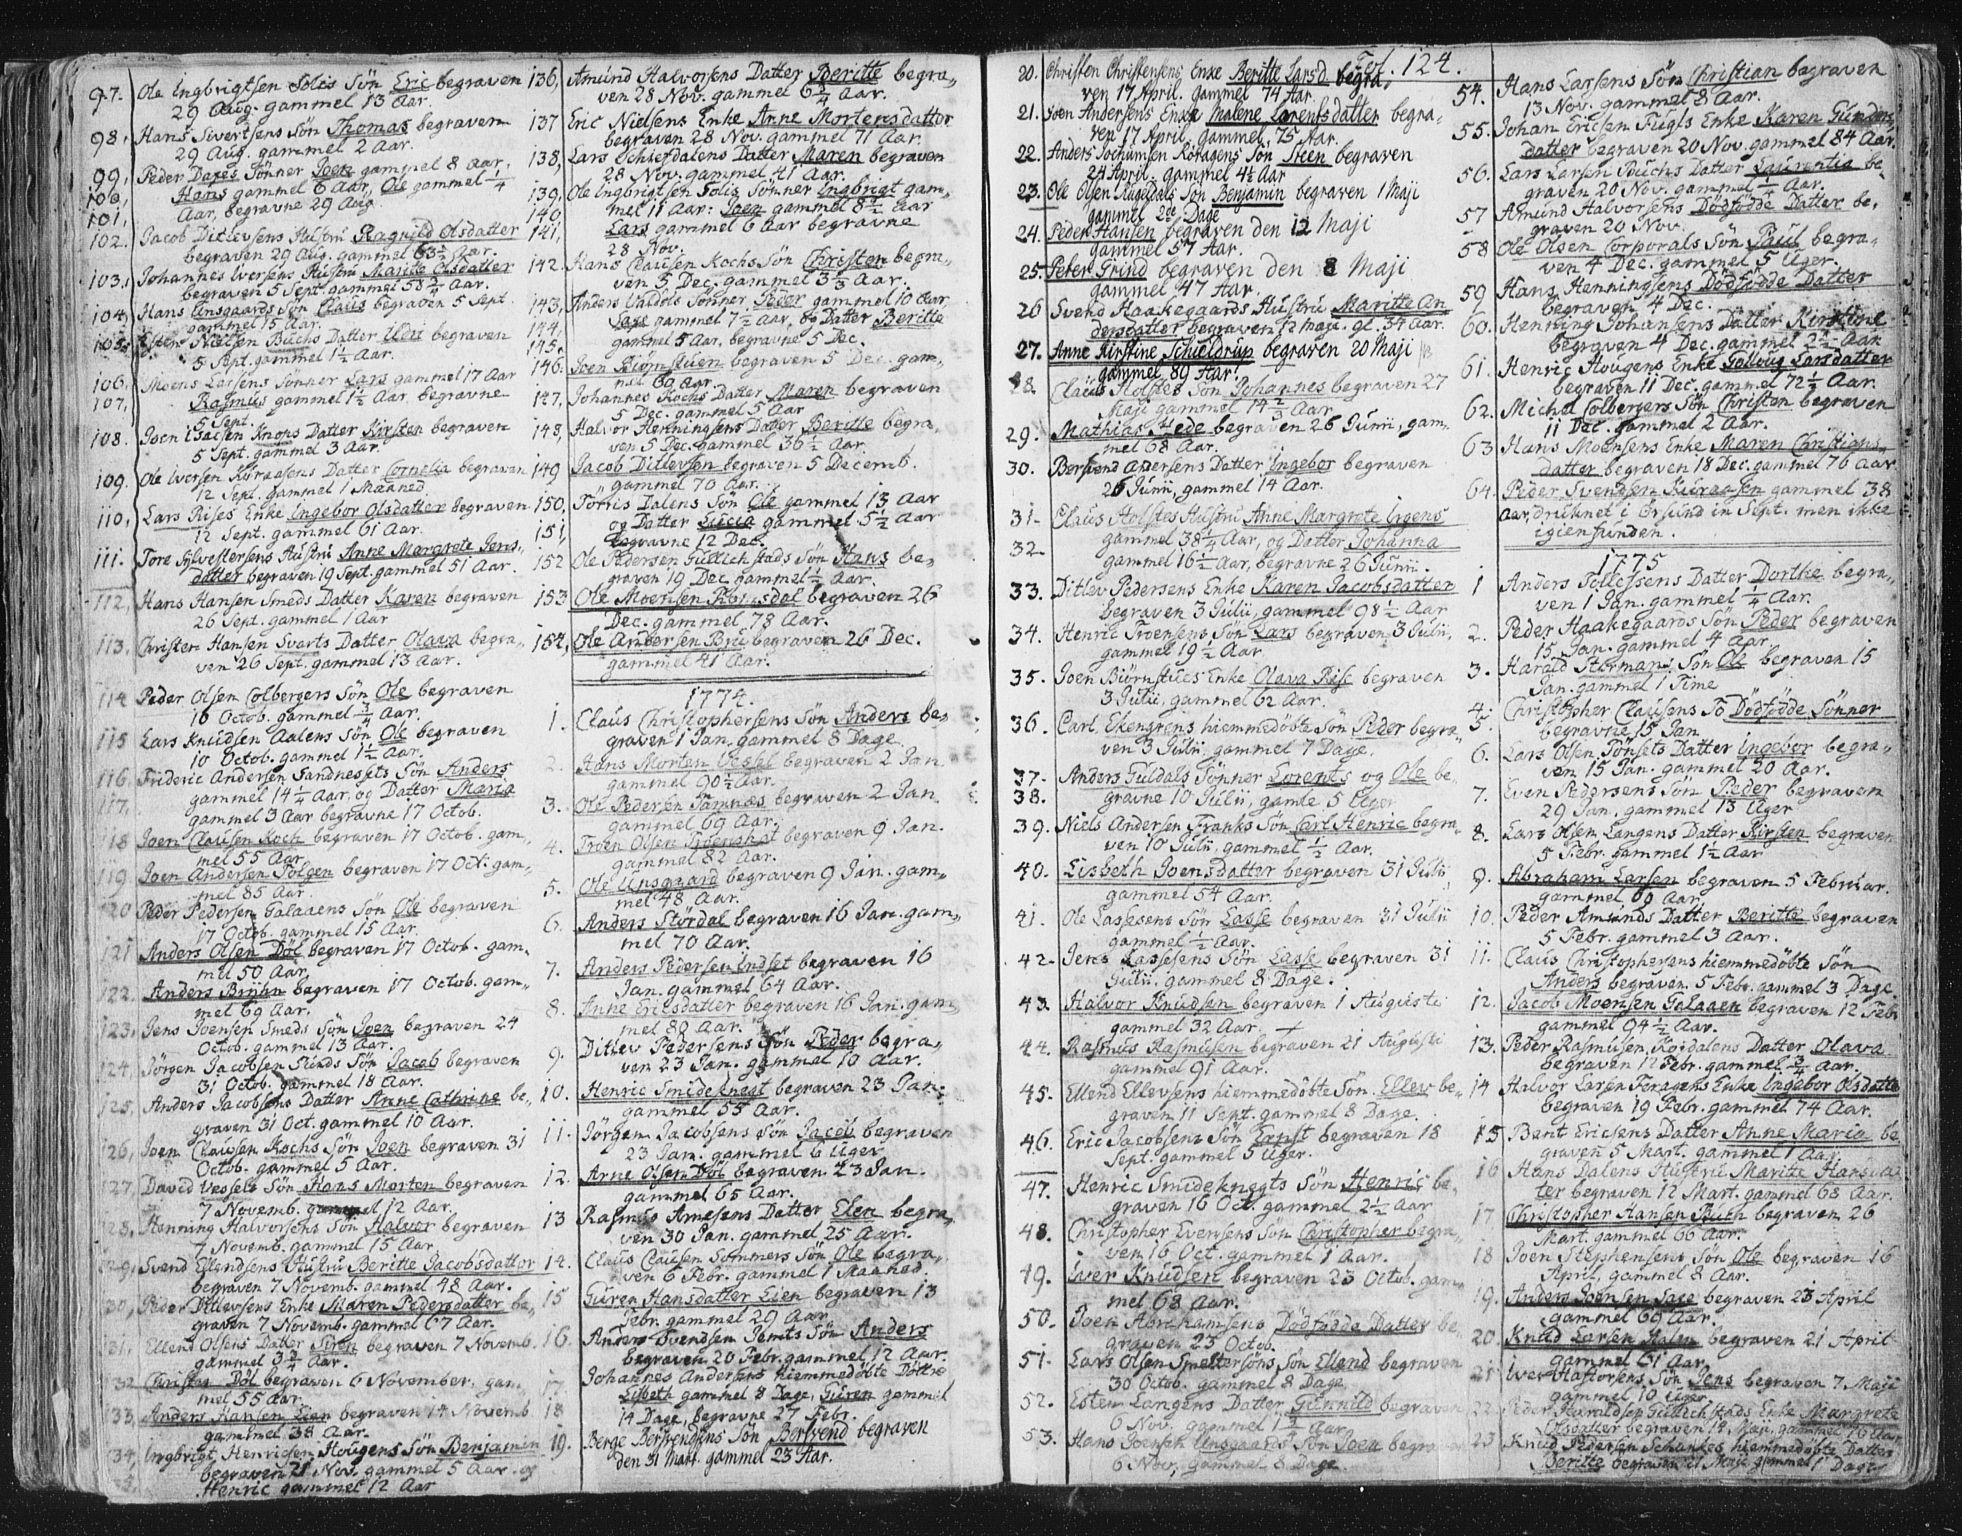 SAT, Ministerialprotokoller, klokkerbøker og fødselsregistre - Sør-Trøndelag, 681/L0926: Ministerialbok nr. 681A04, 1767-1797, s. 124